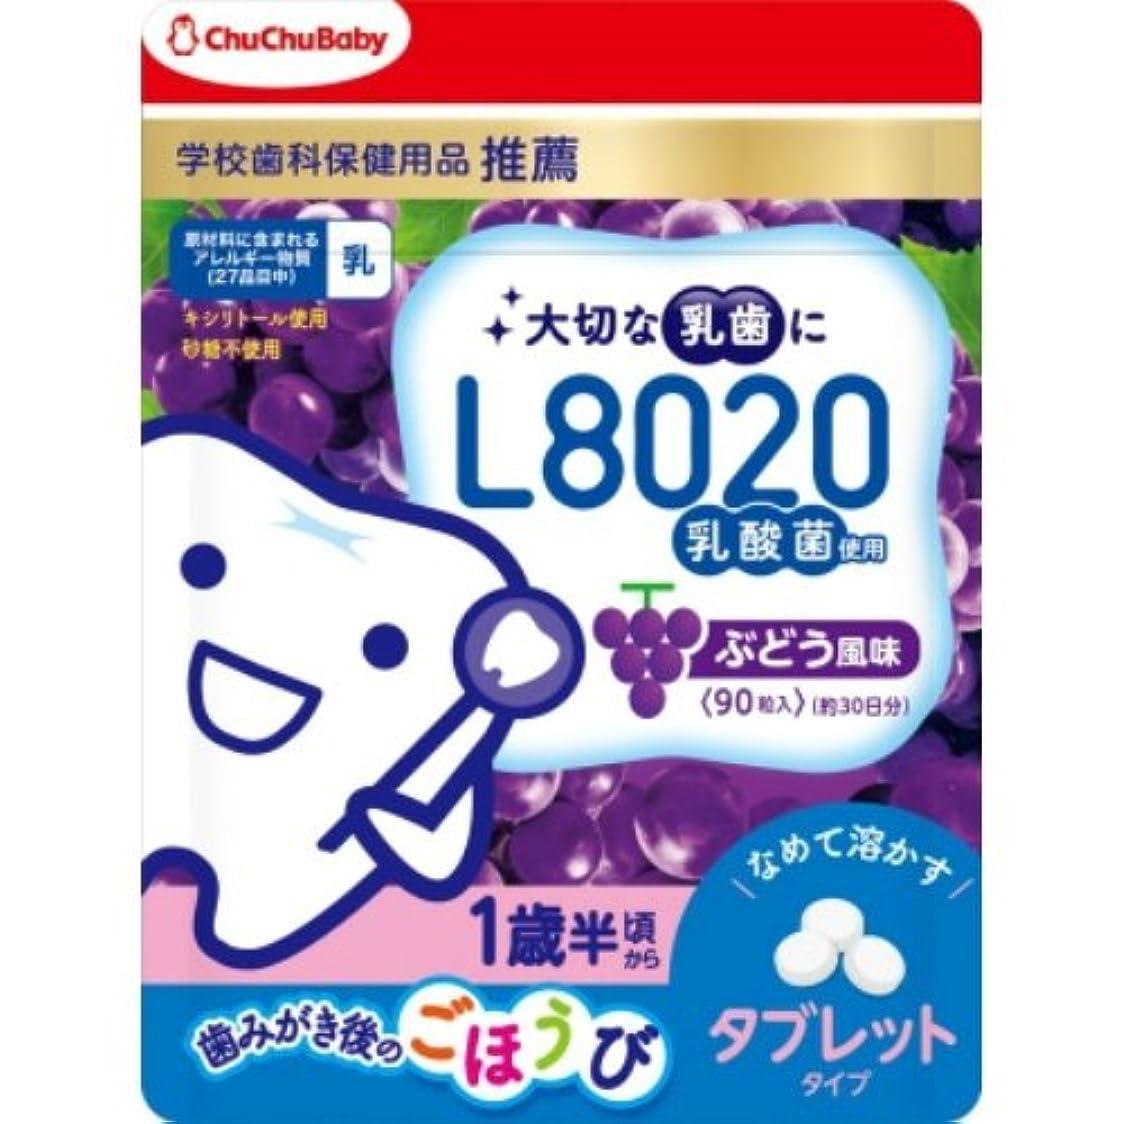 ナチュラリーショップチュチュベビー L8020乳酸菌入タブレット ぶどう風味 × 3個